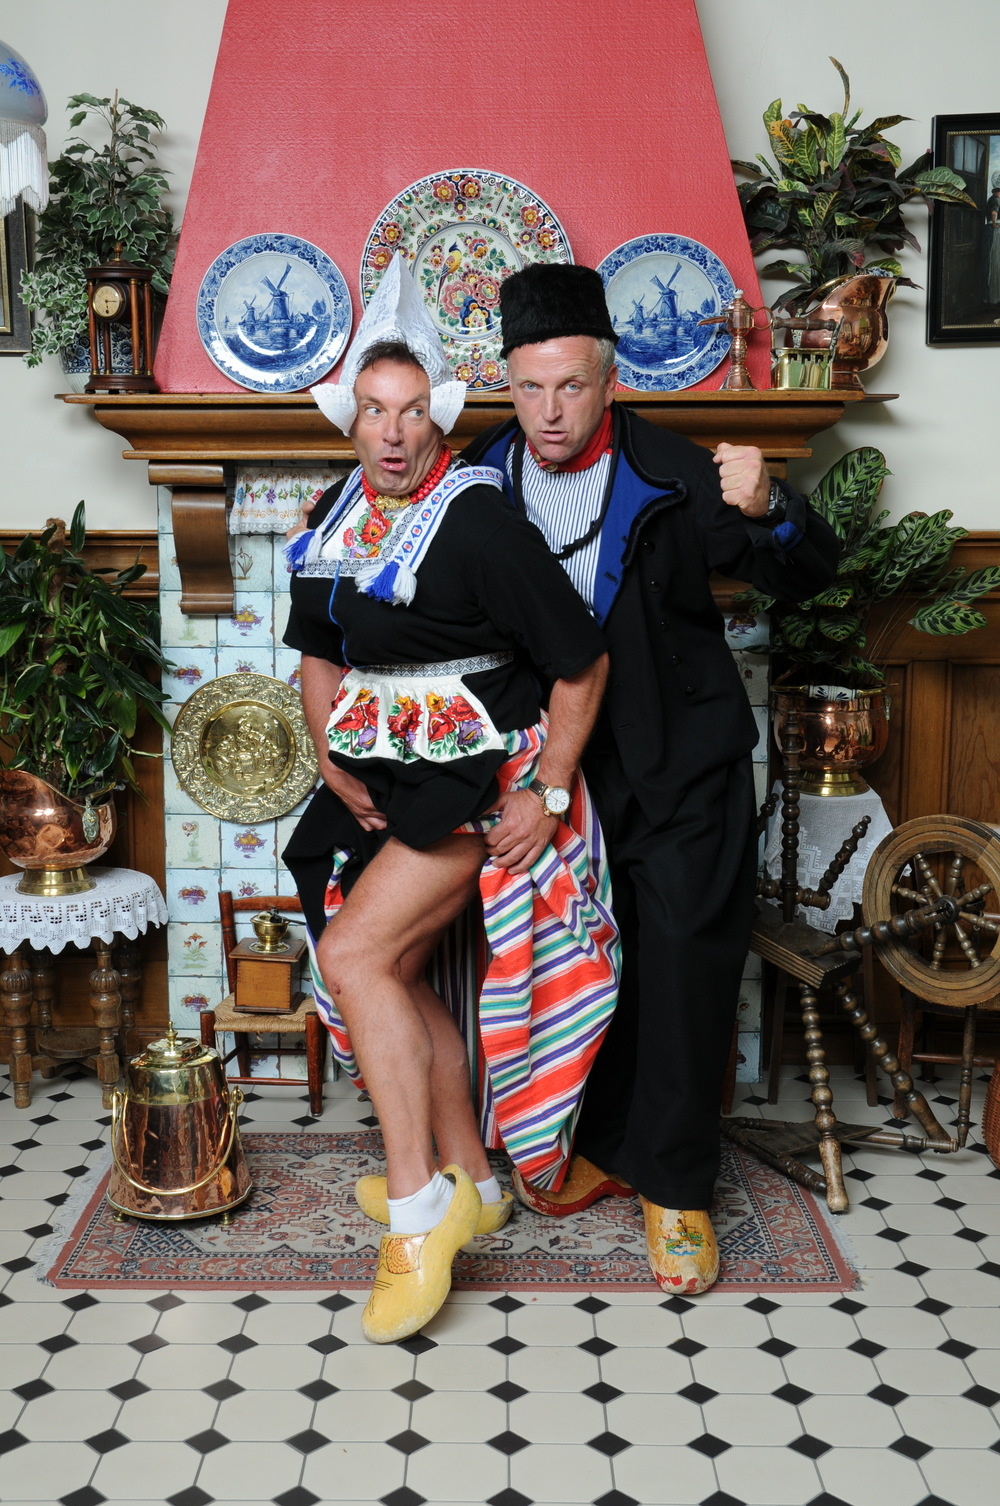 Gerard Joling en Gordon foto in Volendamse klederdracht